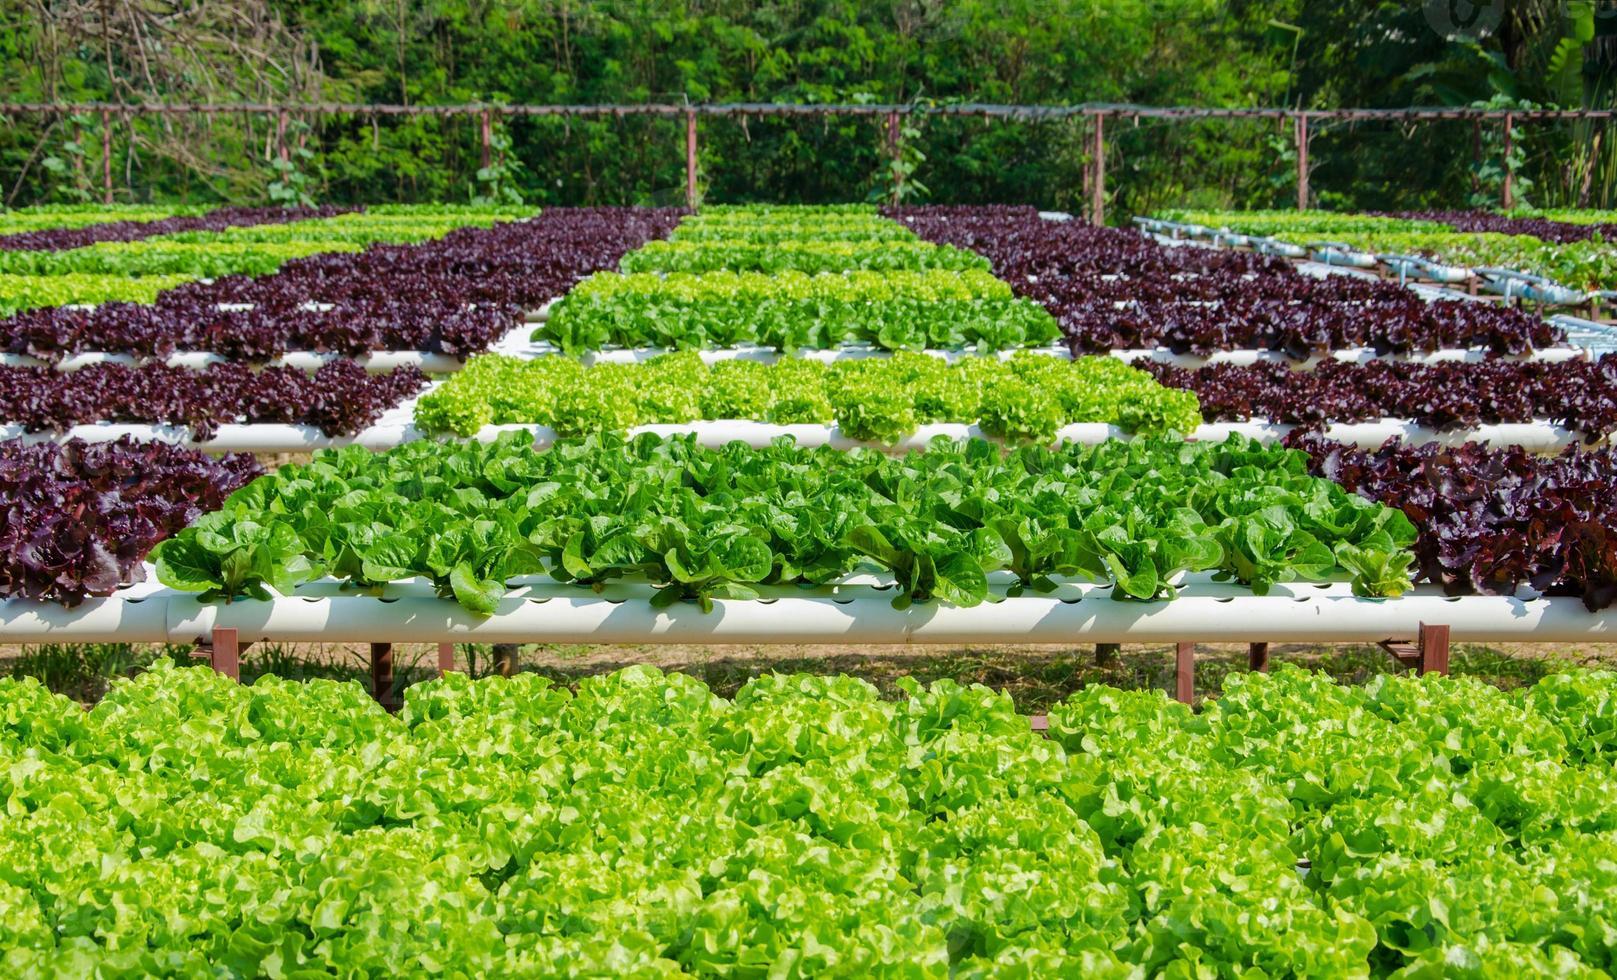 azienda agricola biologica idroponica di coltivazione vegetale foto